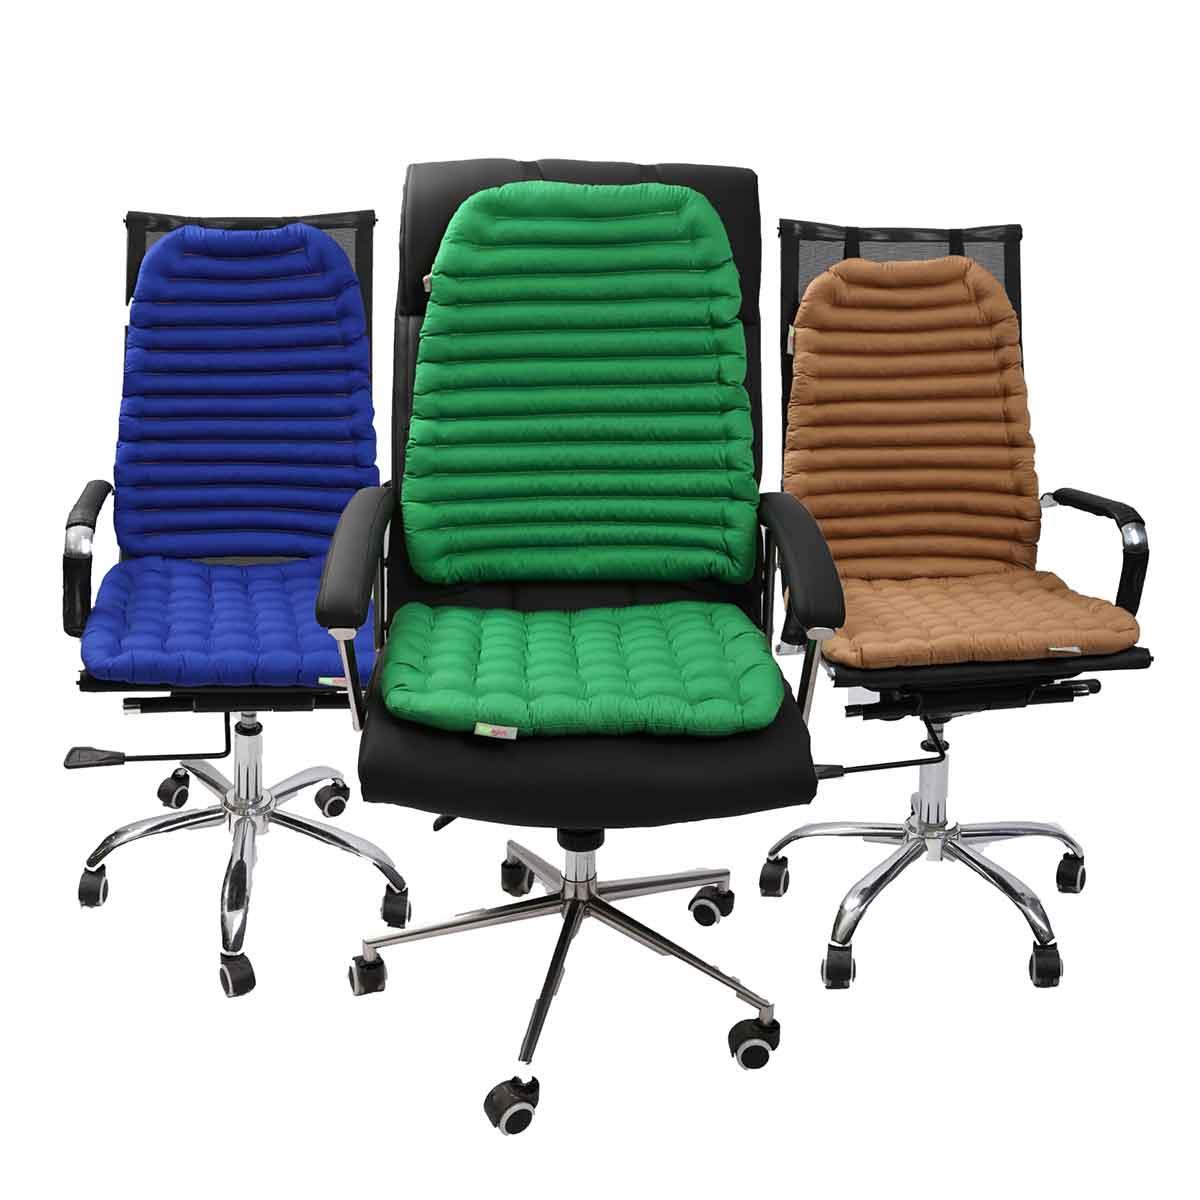 Чехол для кресла от Ecomfort.uz